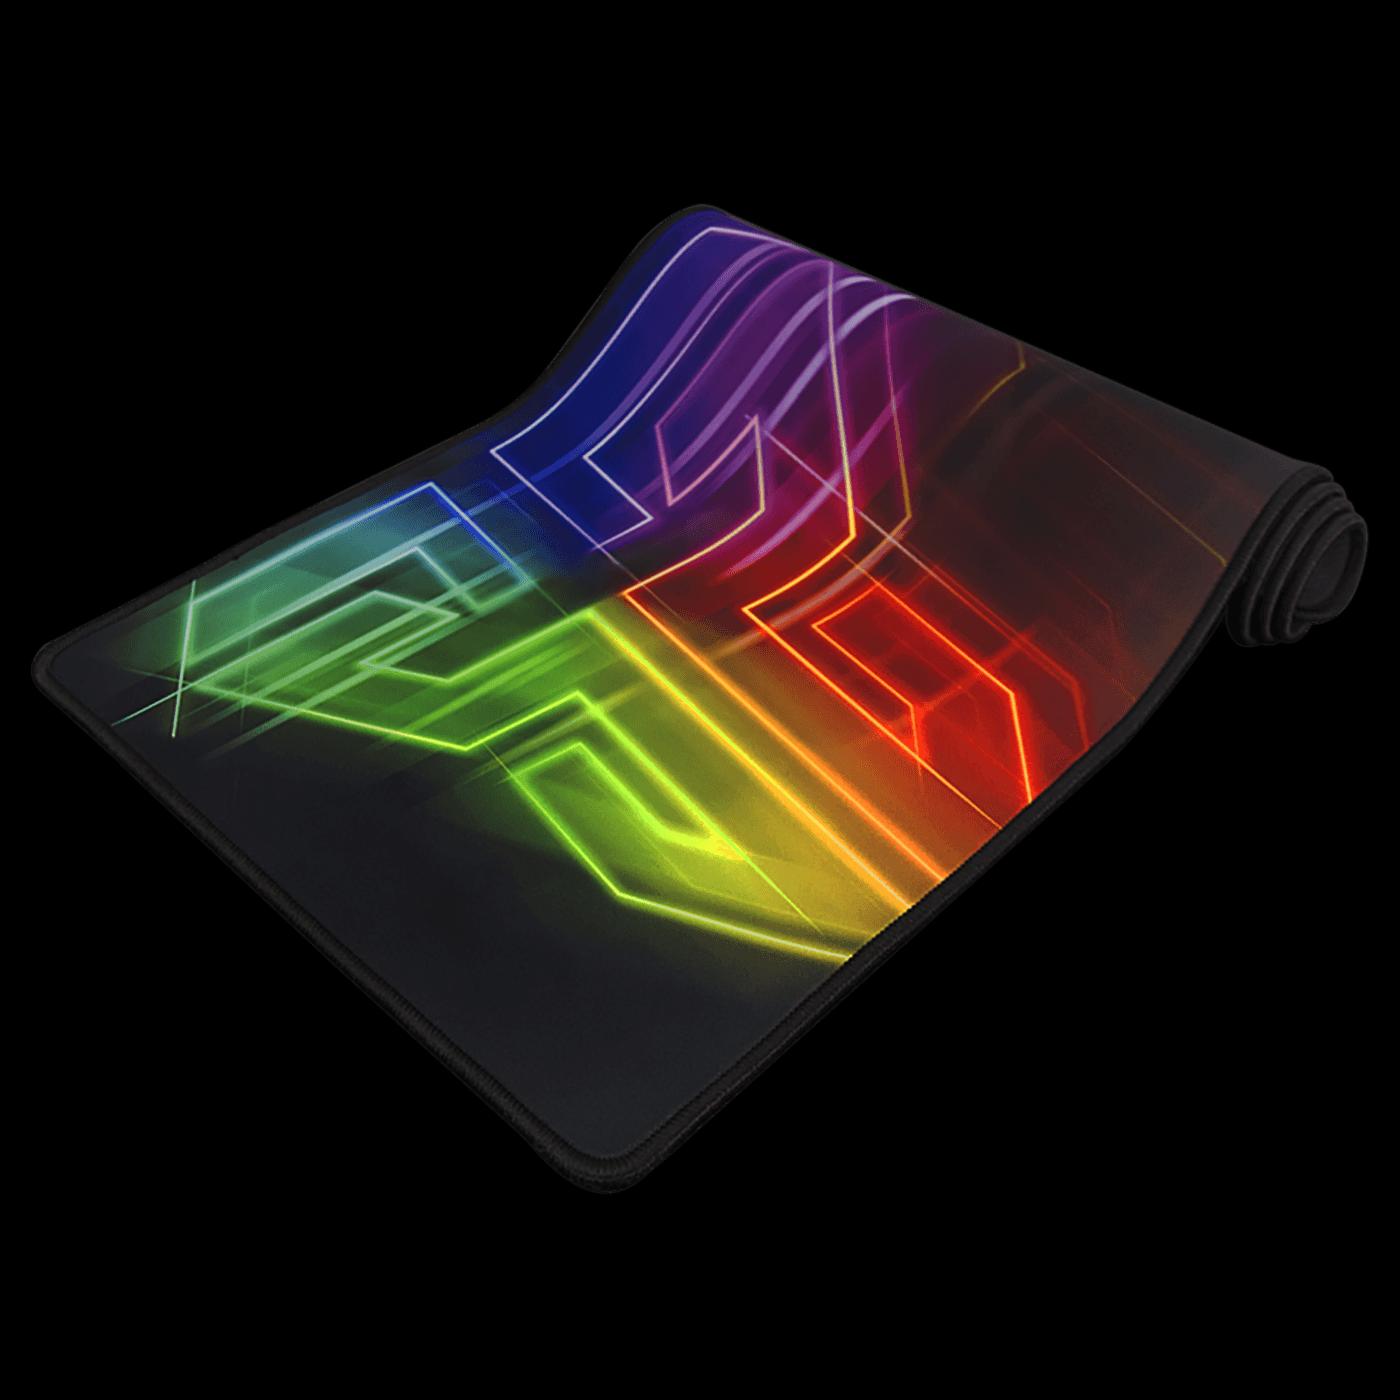 Podloga za miš, 900 x 300 x 3 mm